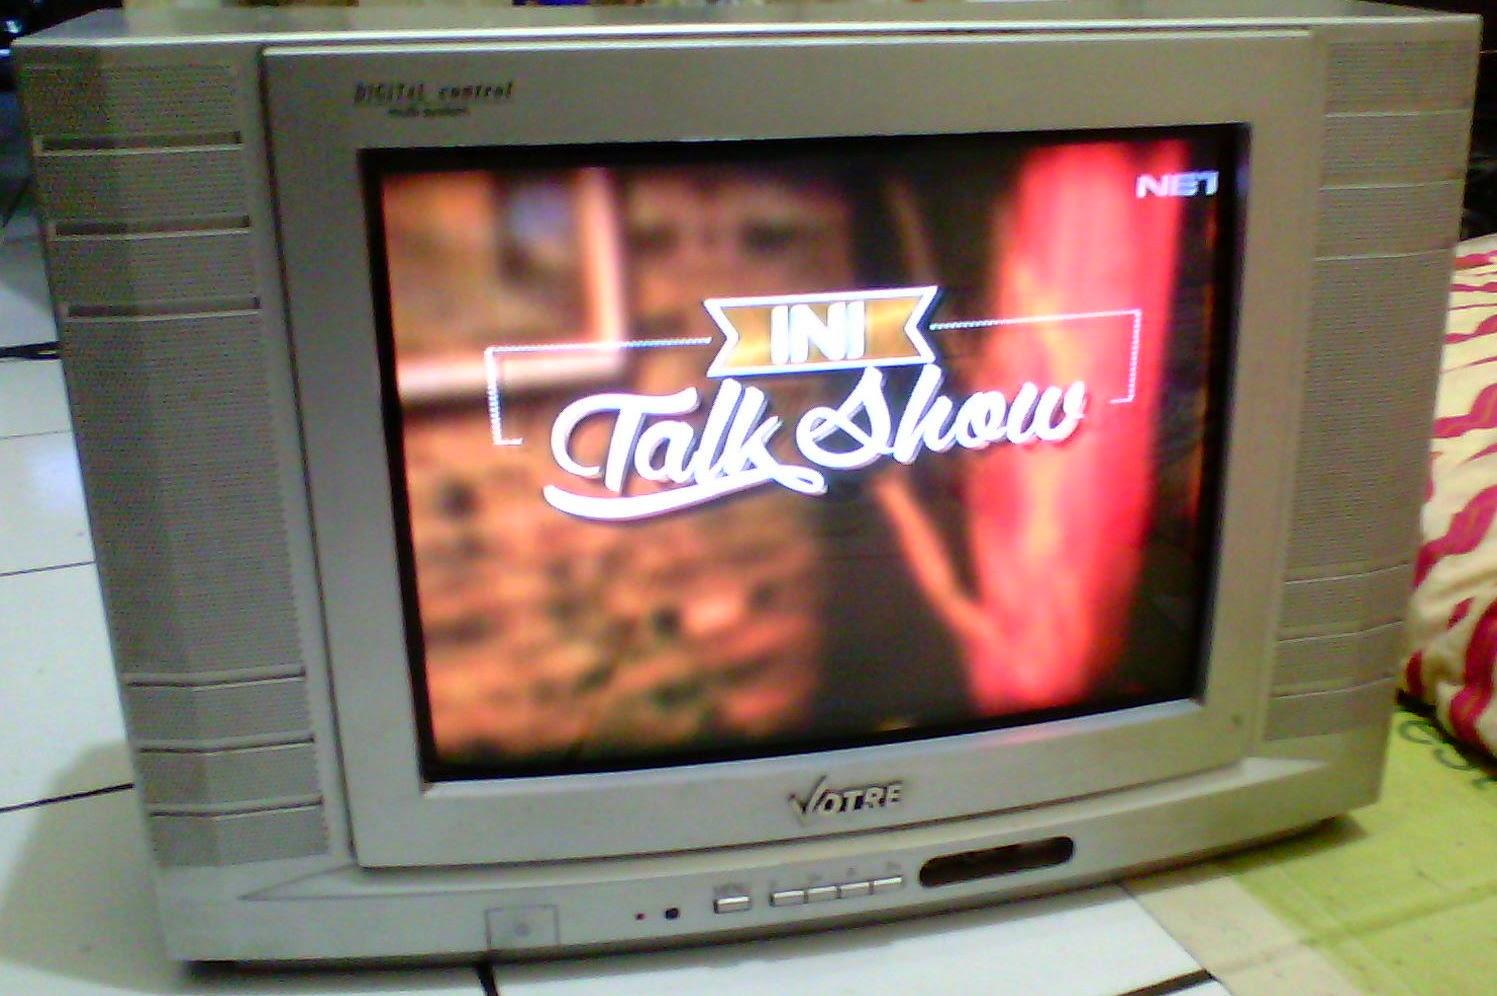 Toko Barang Bekas Ku TV CRT 14 FLAT VOTRE MANTAP